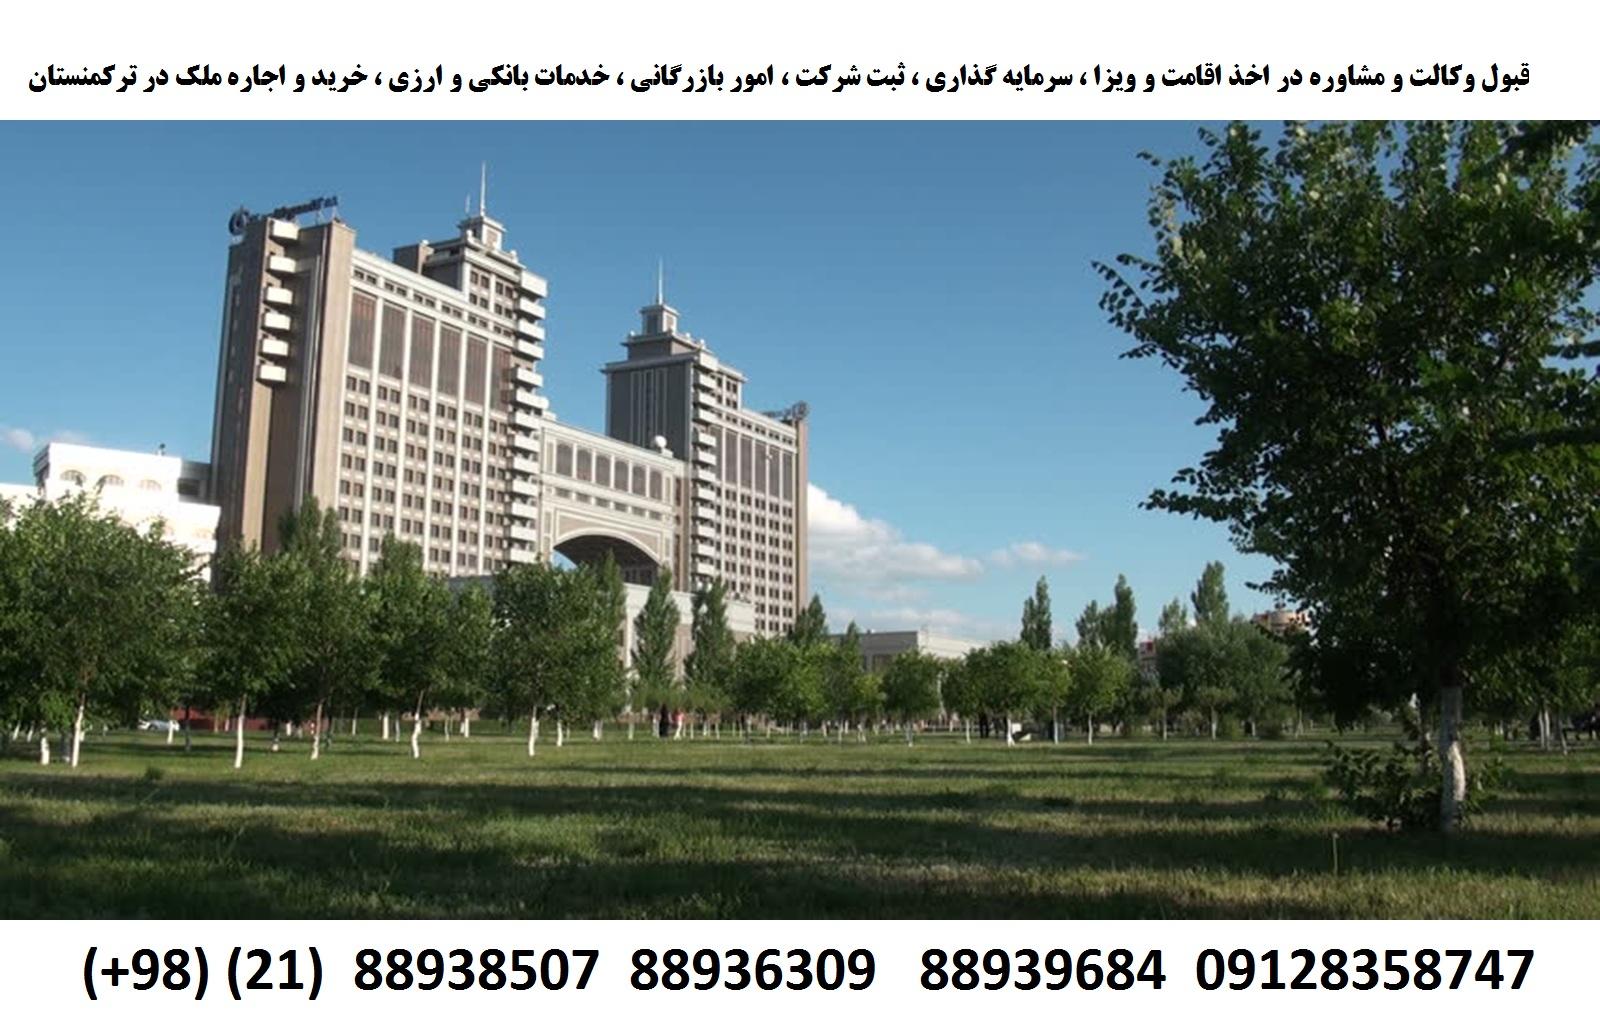 اقامت ، ویزا ، ثبت شرکت ، سرمایه گذاری در ترکمنستان (3)